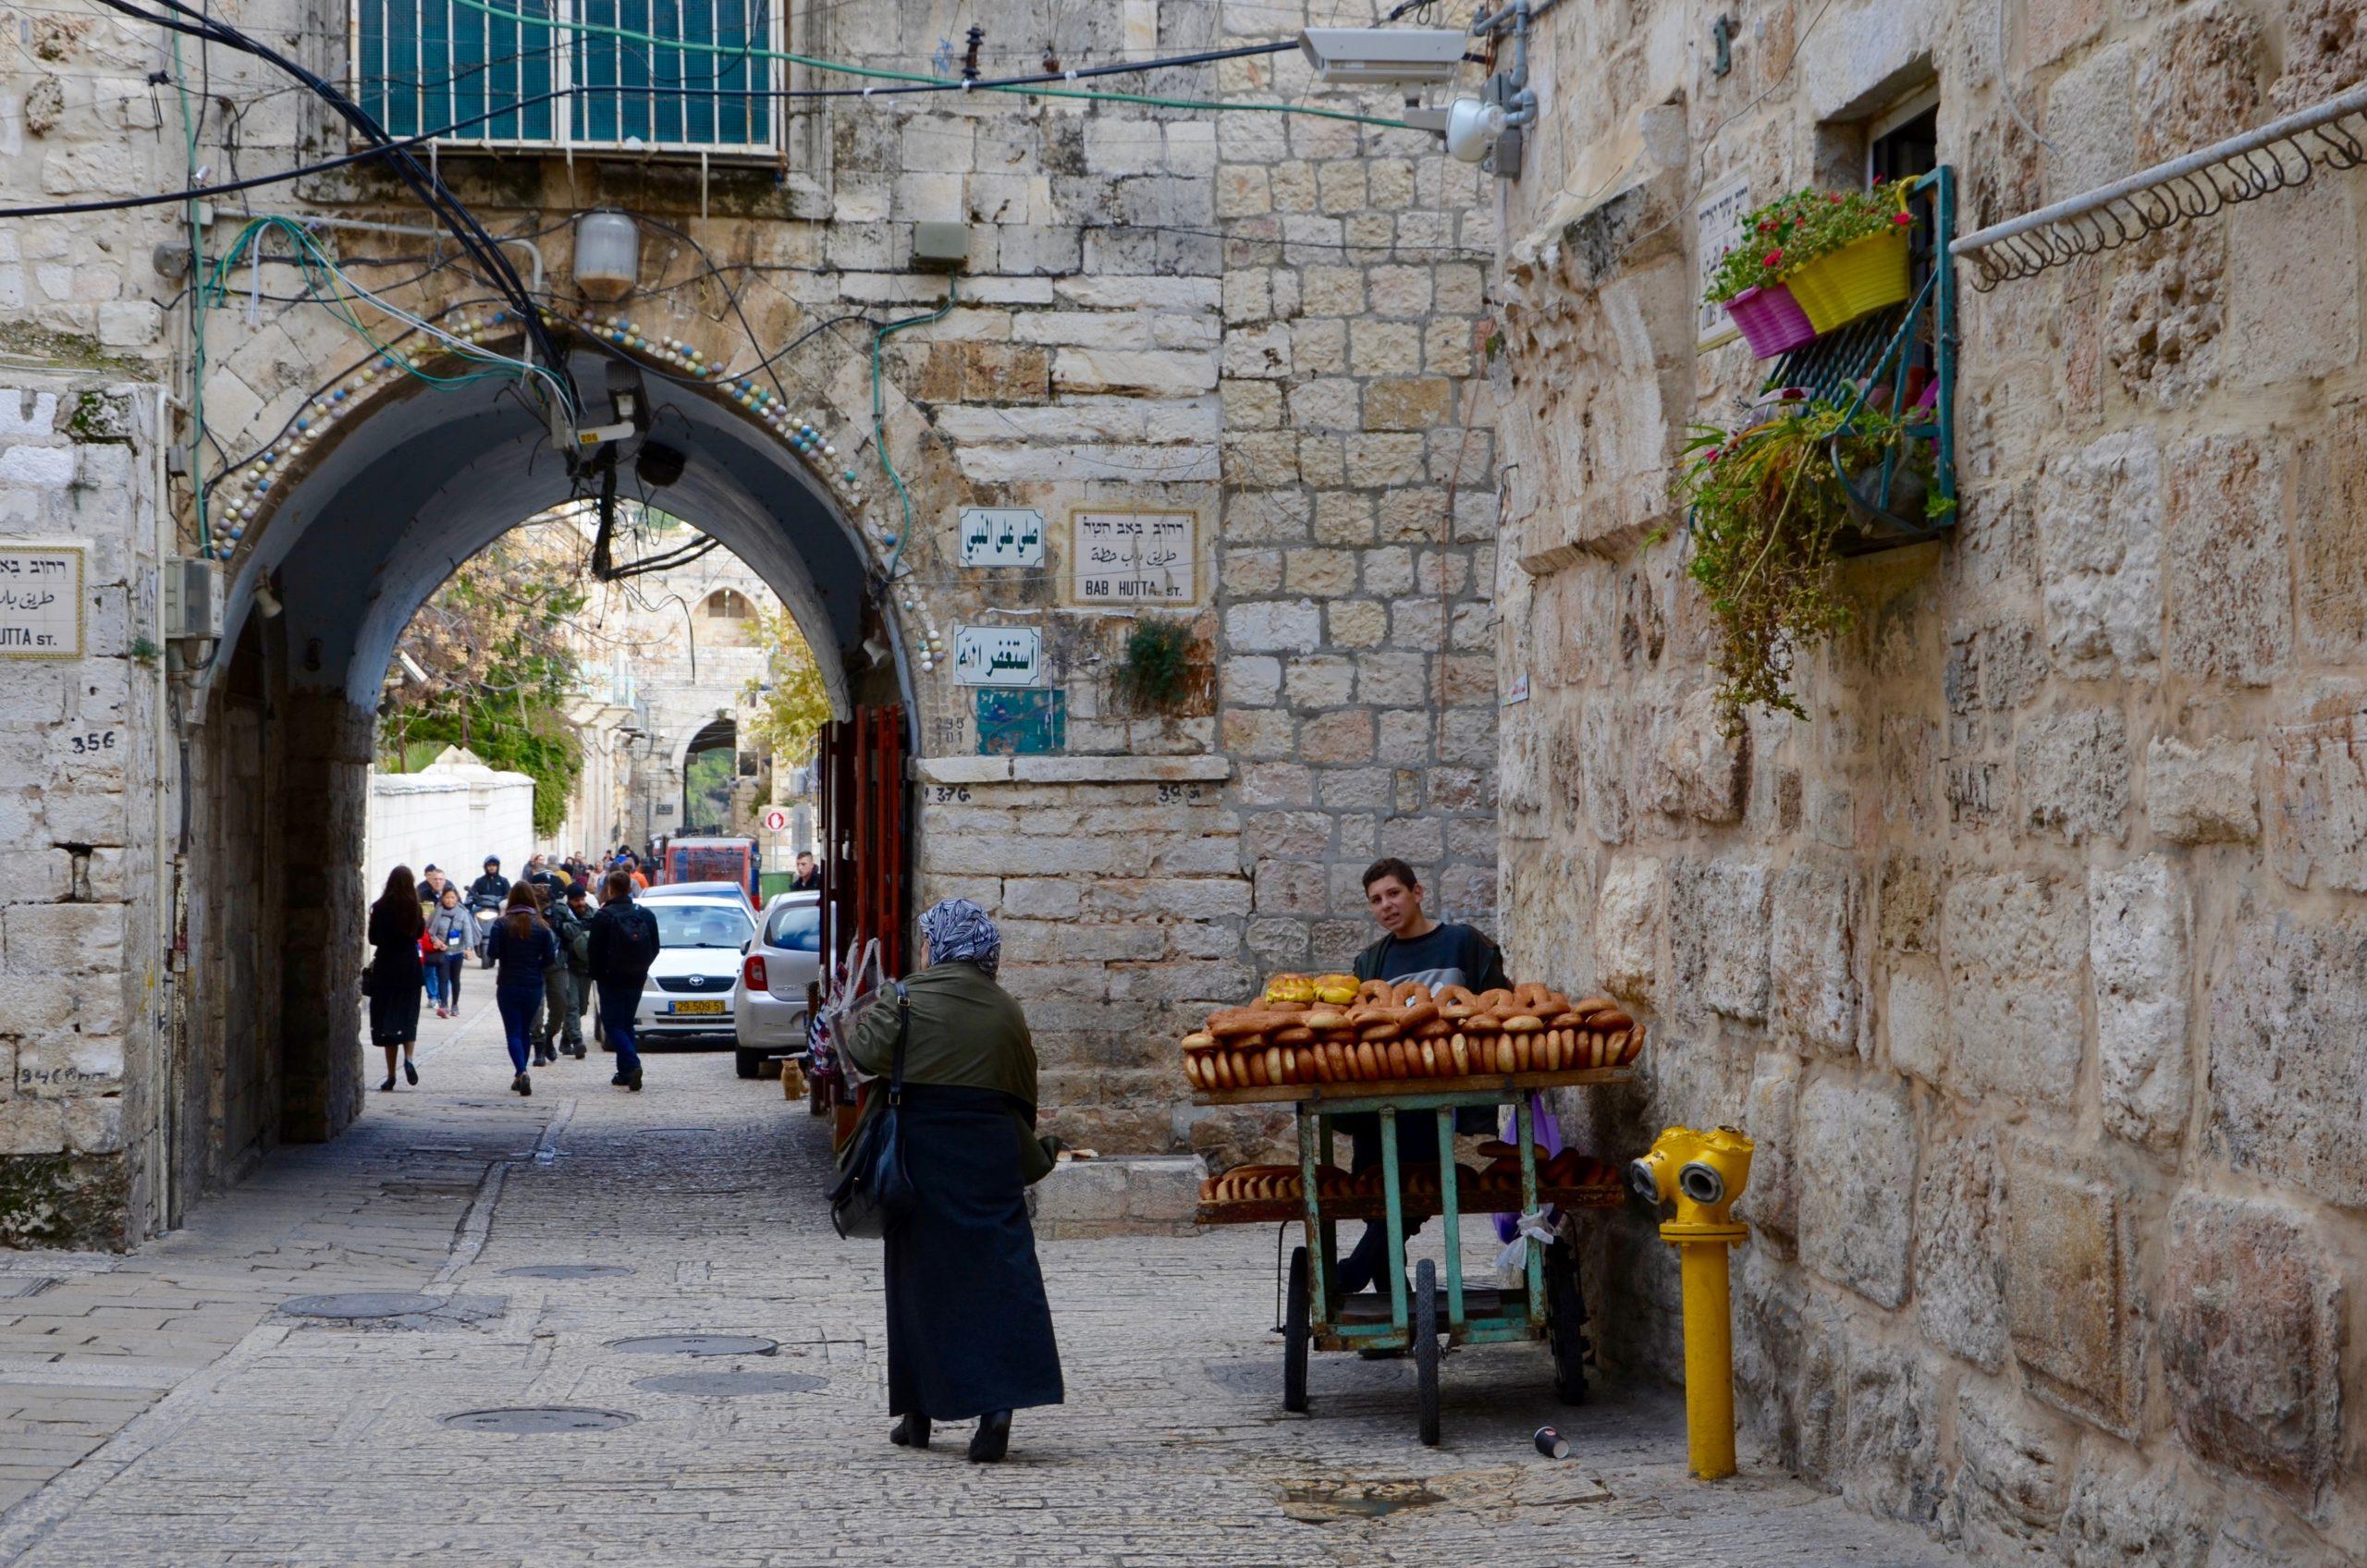 Jeruzalem - Via Dolorosa